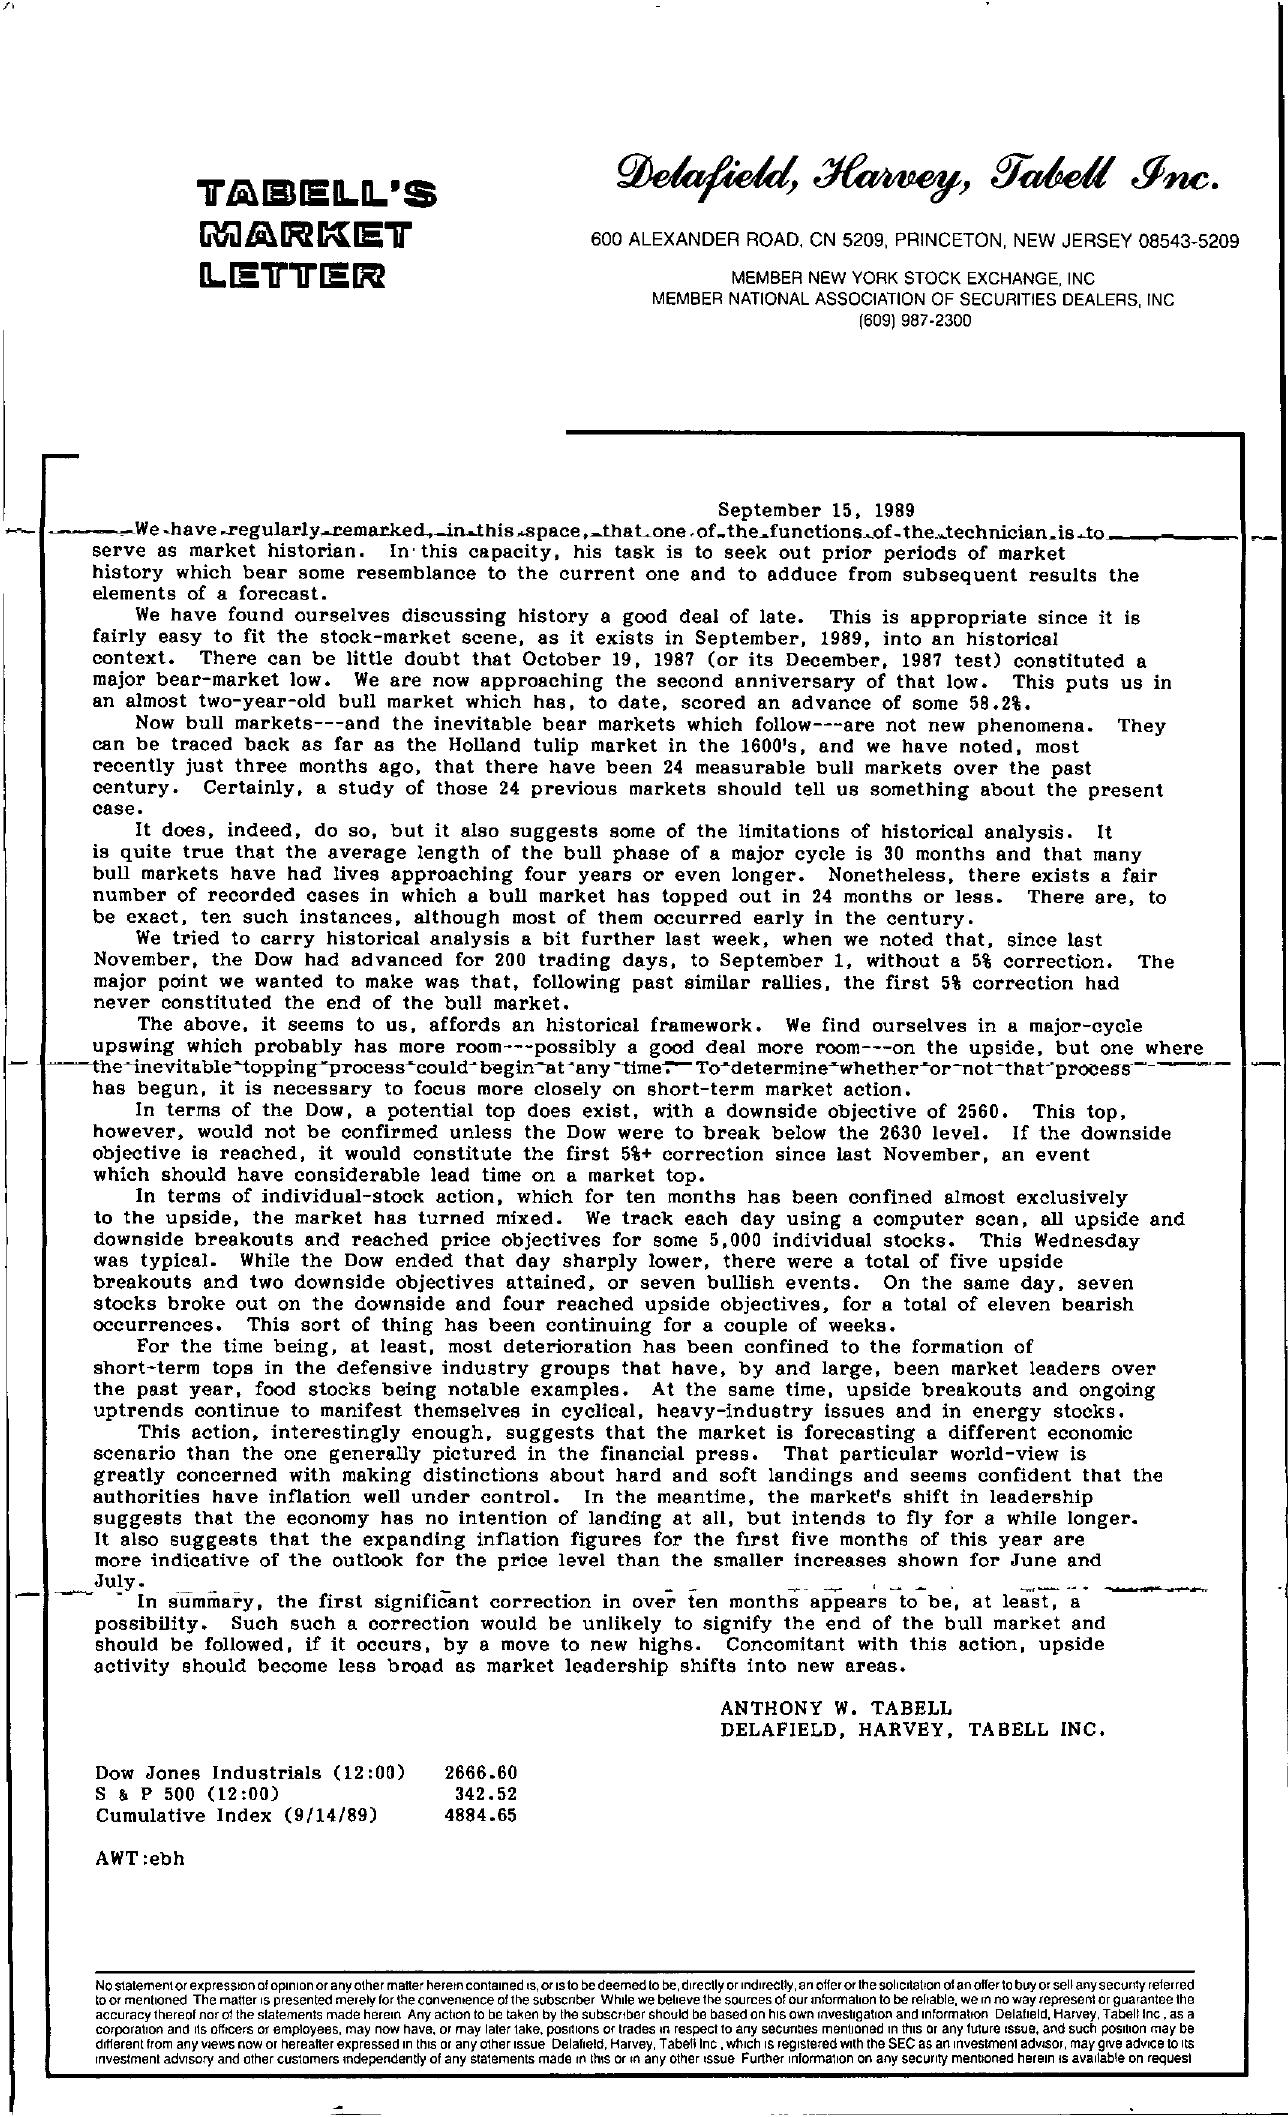 Tabell's Market Letter - September 15, 1989